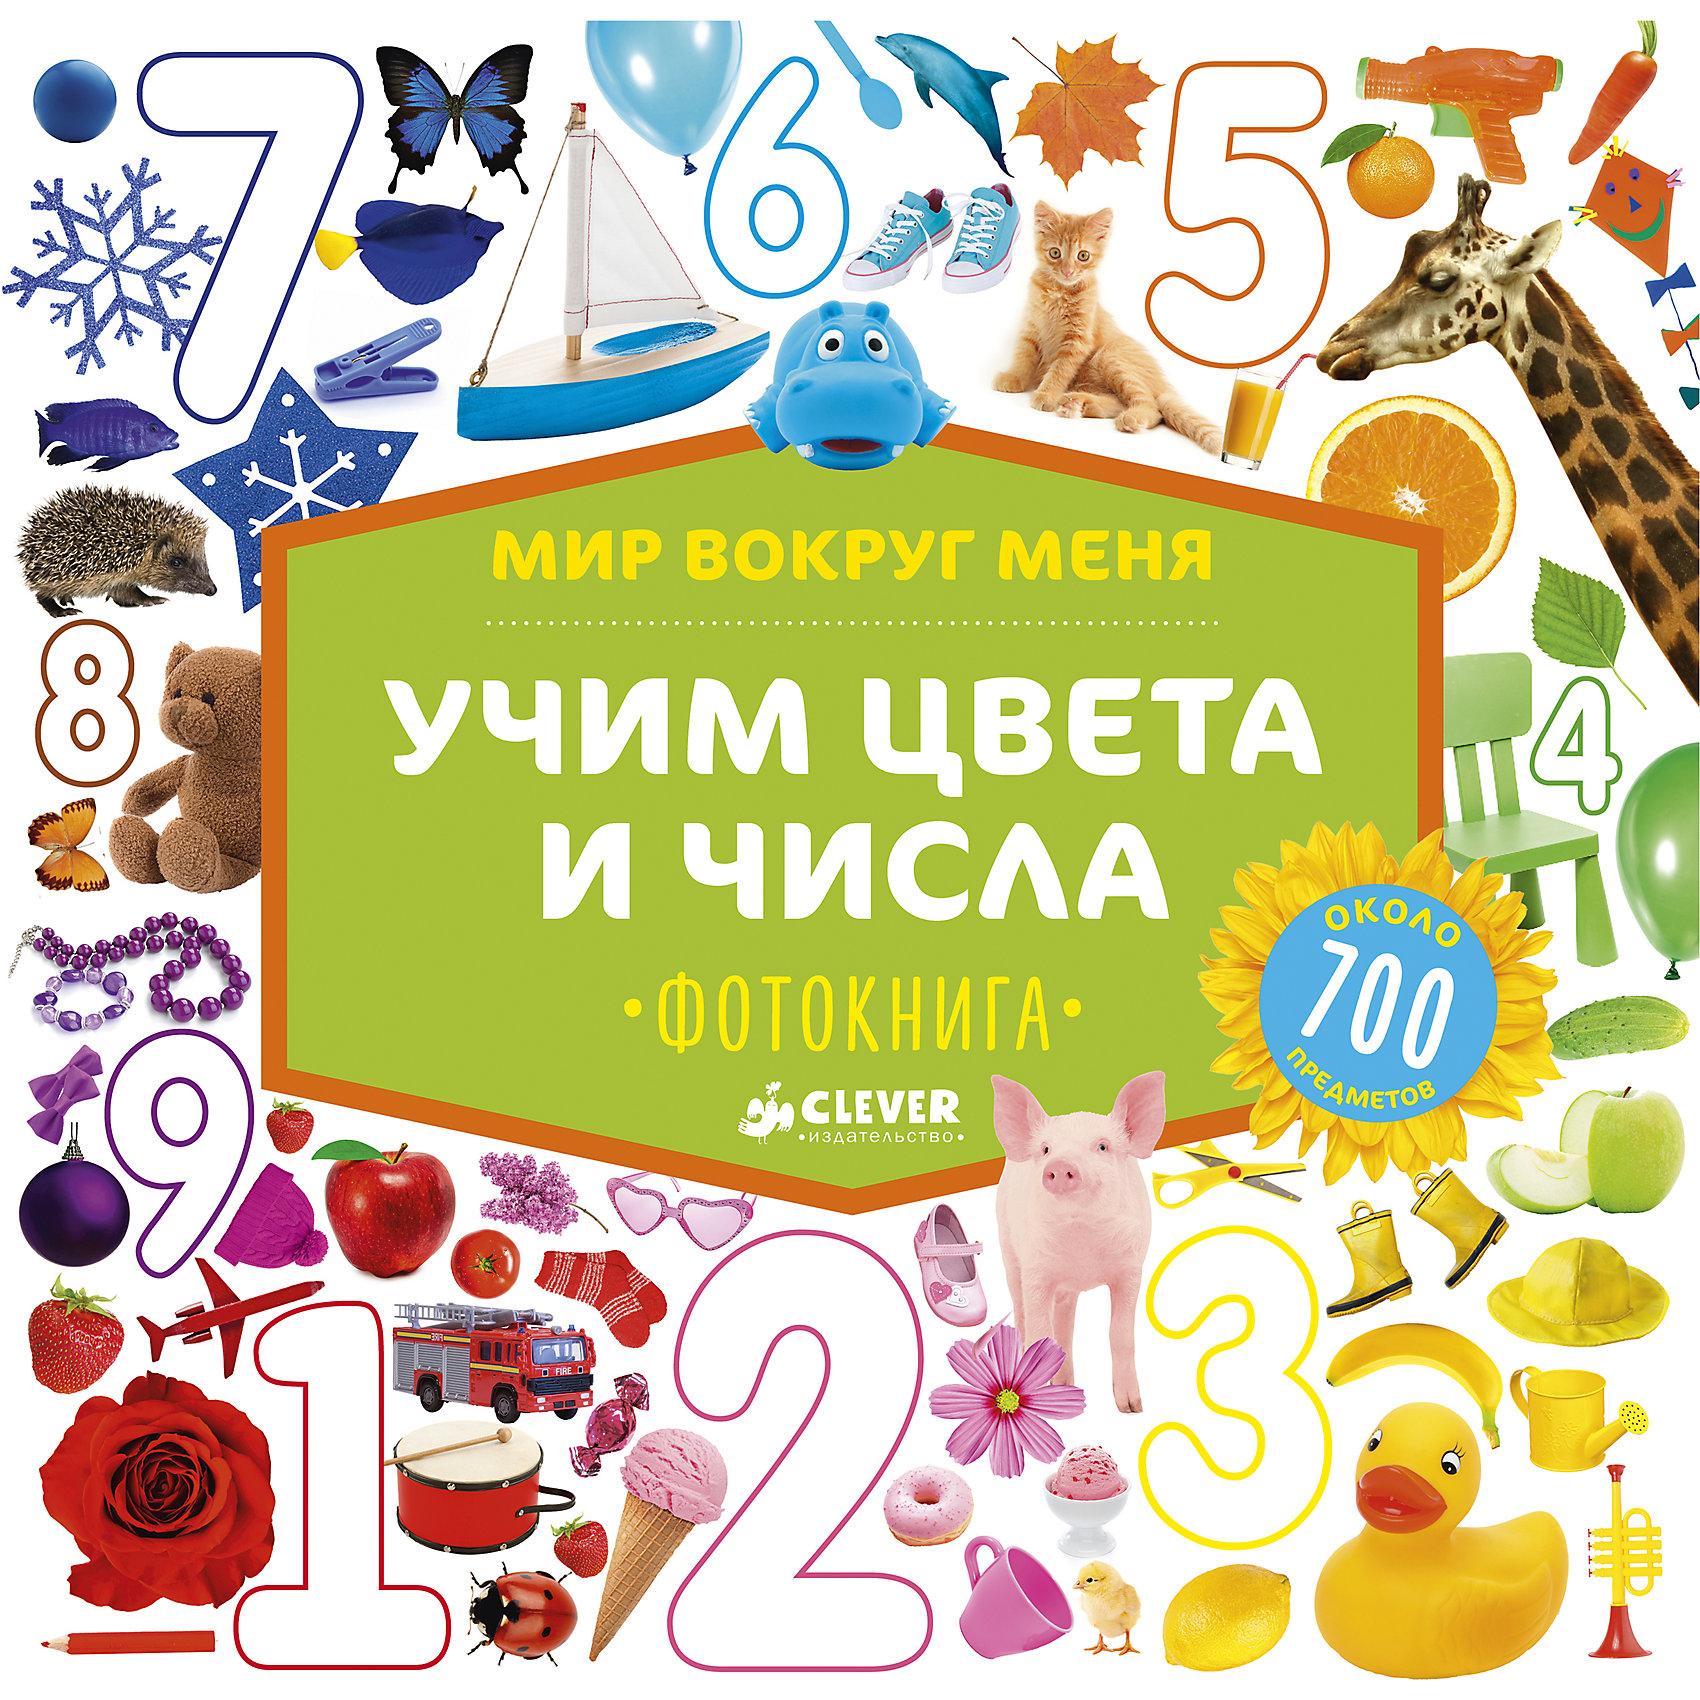 Фотокнига Учим цвета и числа CLEVER, Мир вокруг меняПособия для обучения счёту<br>Характеристики товара:<br><br>• ISBN: 978-5-906929-10-5;<br>• возраст: от 1 года;<br>• формат: 84х108/8;<br>• бумага: картон;<br>• тип обложки: 7Бц - твердая, (целлофанированная или лакированная);<br>• оформление: пухлая обложка;<br>• иллюстрации: цветные;<br>• серия: Мир вокруг меня;<br>• издательство: Клевер Медиа Групп, 2017 г.;<br>• редактор: Измайлова Елена;<br>• количество страниц: 22;<br>• размеры: 28х27,5х1,9 см;<br>• масса: 780 г.<br><br>Большая красочная книга с красивыми фотографиями и крупным шрифтом подходит для самых маленьких читателей. На страницах фотокниги есть более 700 предметов для изучения. Малыши выучат их названия, познакомятся с оттенками цветов, освоят первый счёт и узнают виды геометрических фигур. Задания-находилки надолго увлекут мальчиков и девочек, ведь это так интересно.<br><br>Книга предназначена для развивающих занятий с самого раннего возраста, помогает развивать речь, память, логику, внимание. Плотные картонные страницы легко переворачиваются и безопасны для ребенка. <br><br>Фотокнигу «Учим цвета и числа», Измайлова Е., Клевер Медиа Групп, можно купить в нашем интернет-магазине.<br><br>Ширина мм: 270<br>Глубина мм: 270<br>Высота мм: 12<br>Вес г: 802<br>Возраст от месяцев: 12<br>Возраст до месяцев: 36<br>Пол: Унисекс<br>Возраст: Детский<br>SKU: 7039980